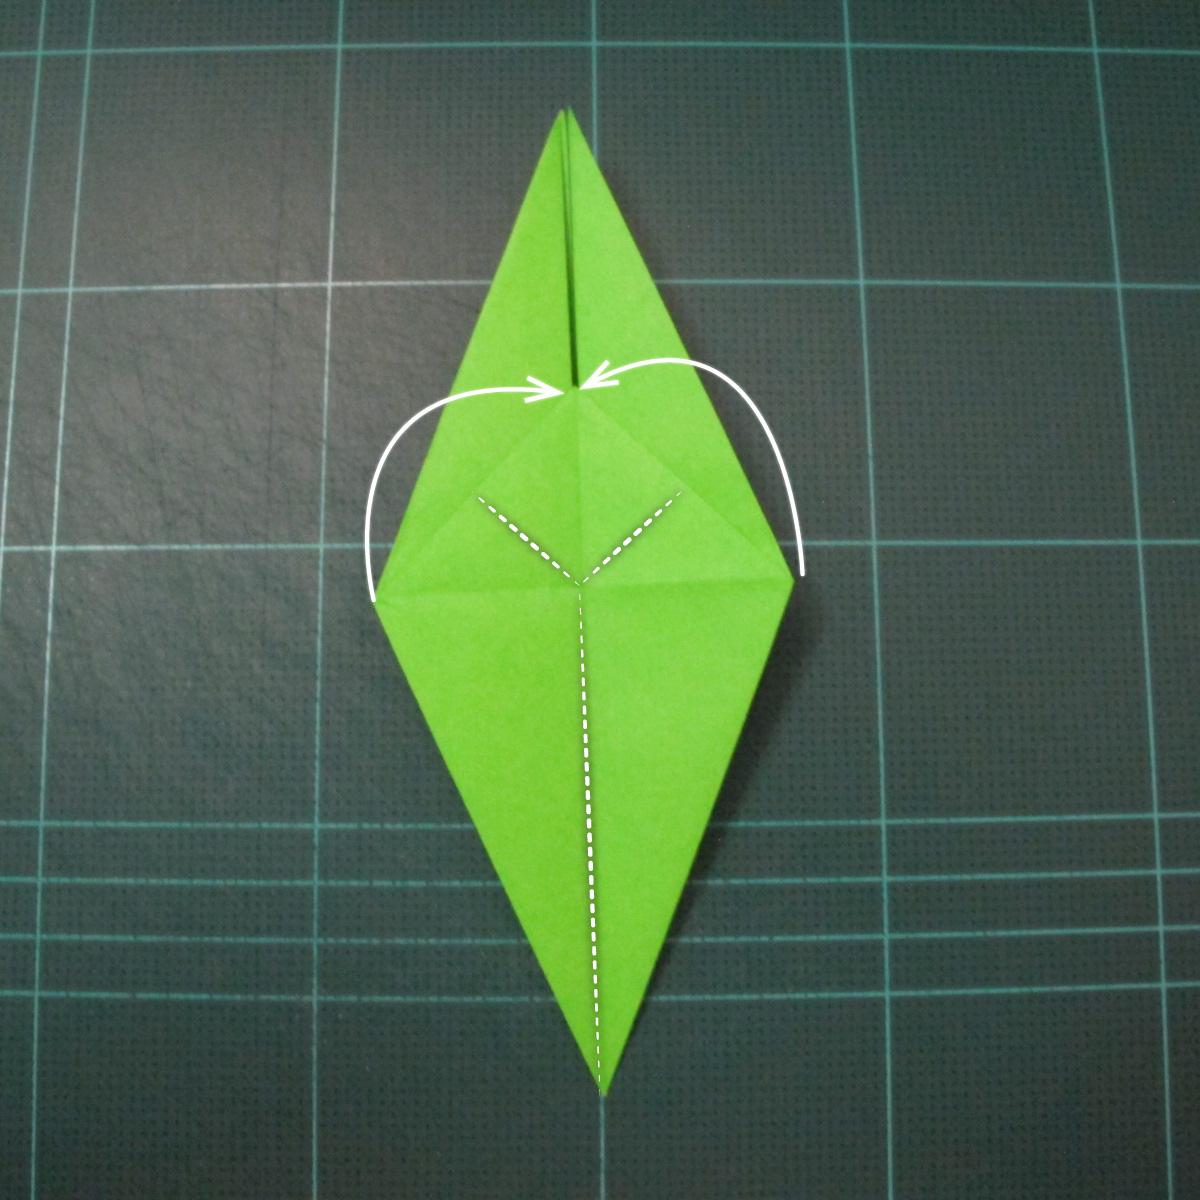 วิธีพับกระดาษเป็นรูปหอยทาก (origami Snail) 012